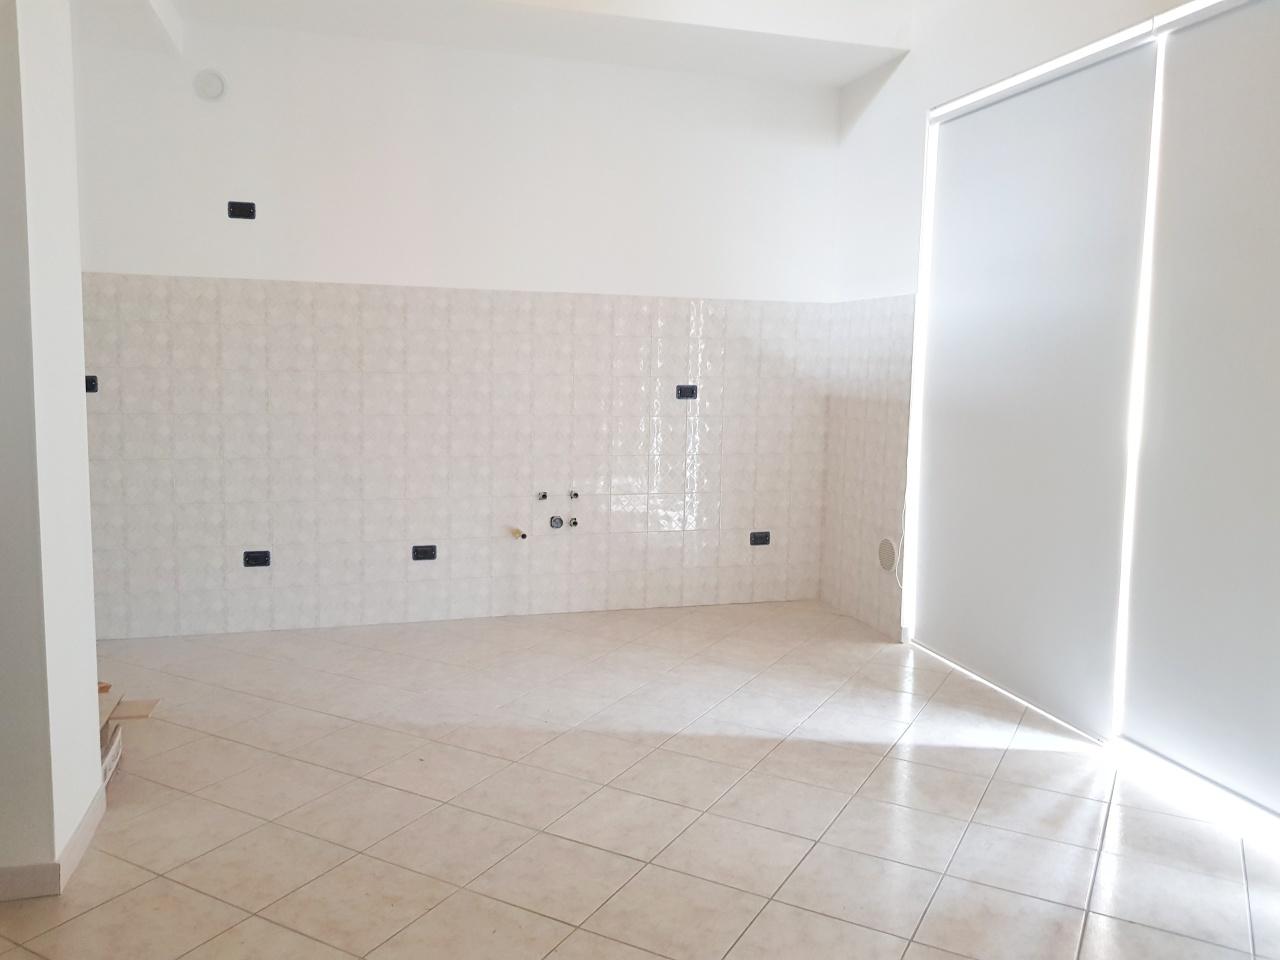 Appartamento in vendita a Roccavignale, 6 locali, prezzo € 200.000   PortaleAgenzieImmobiliari.it